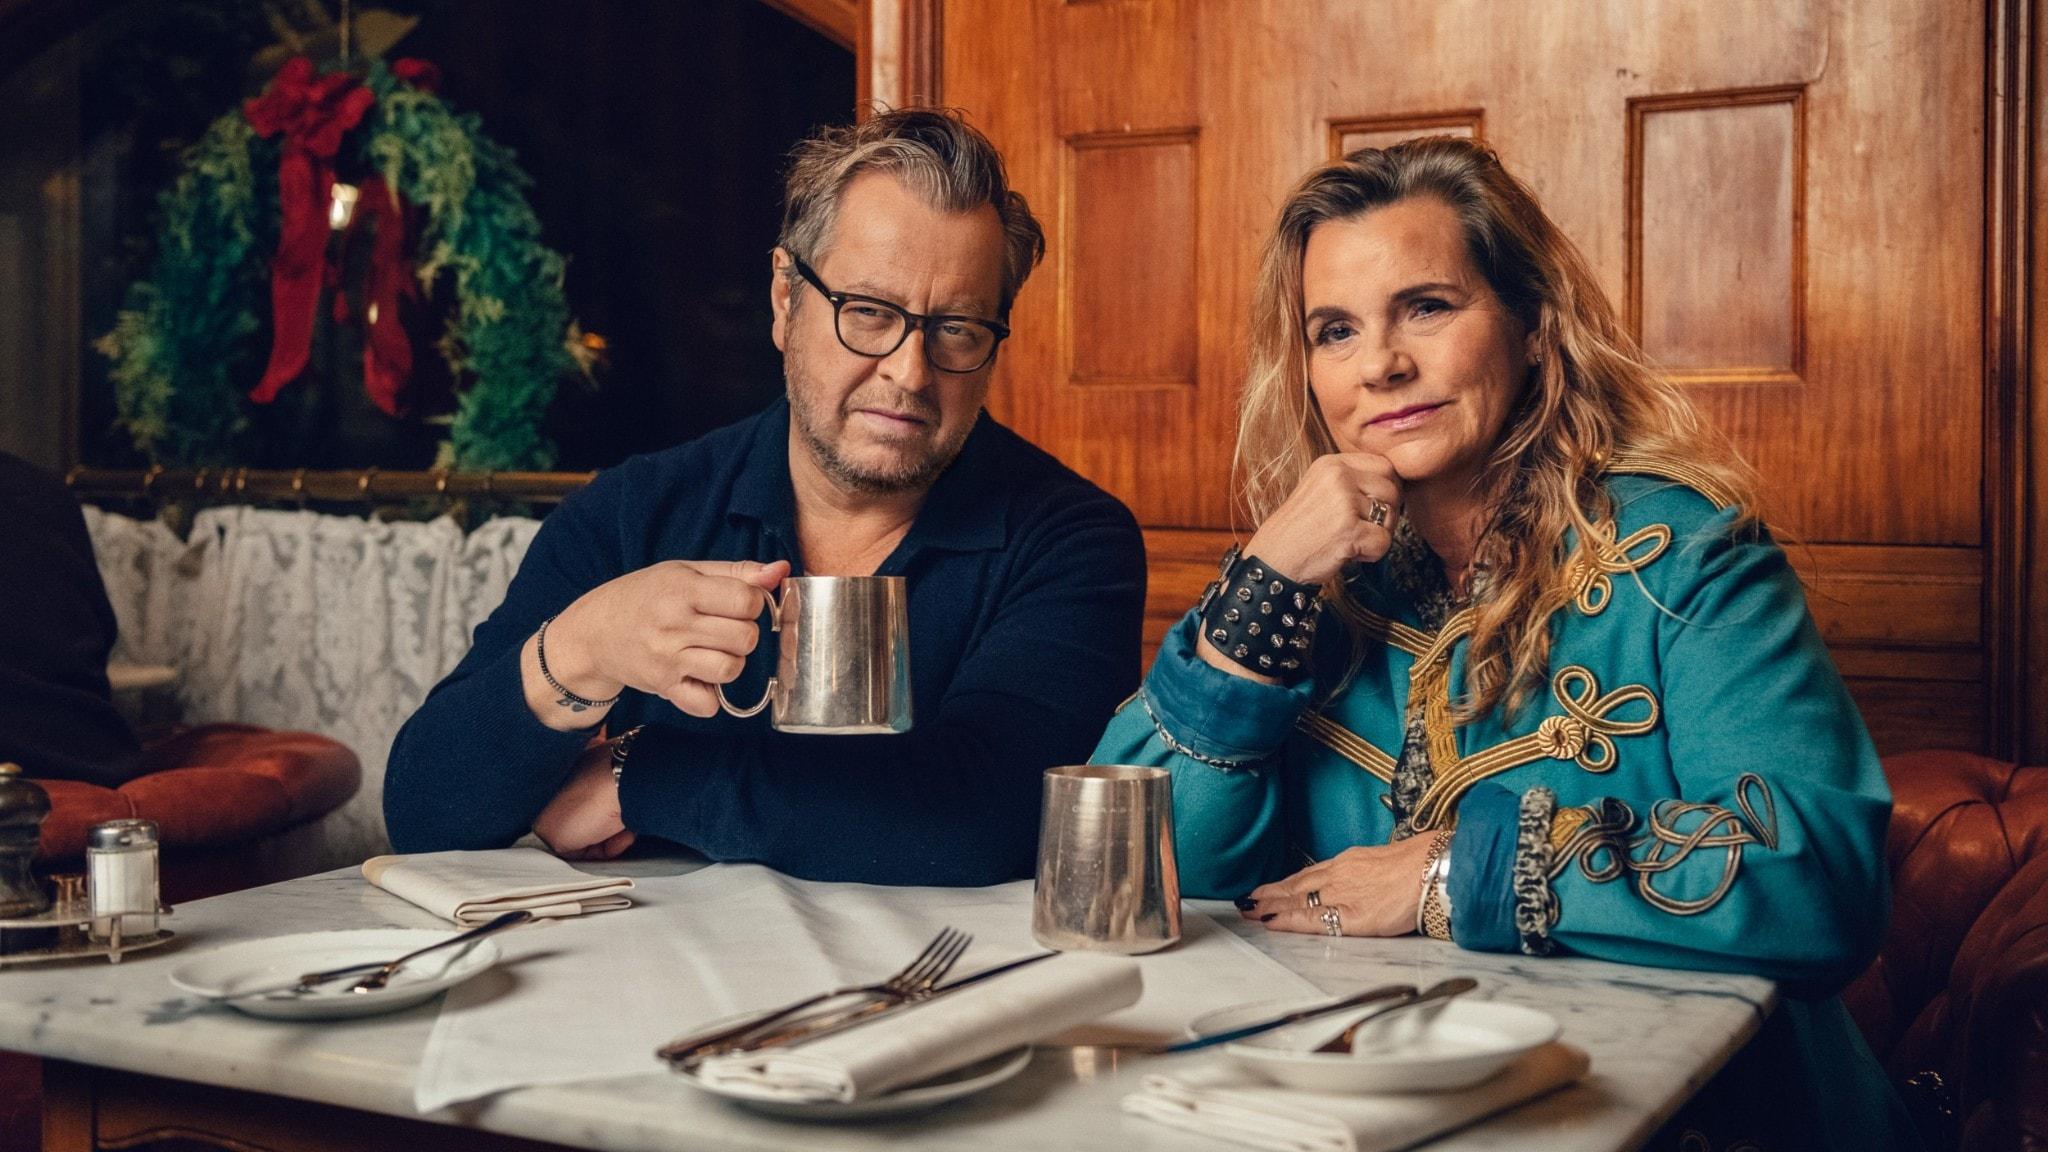 JULSPECIAL 2020: Katarina Hahr och Mauro Scocco